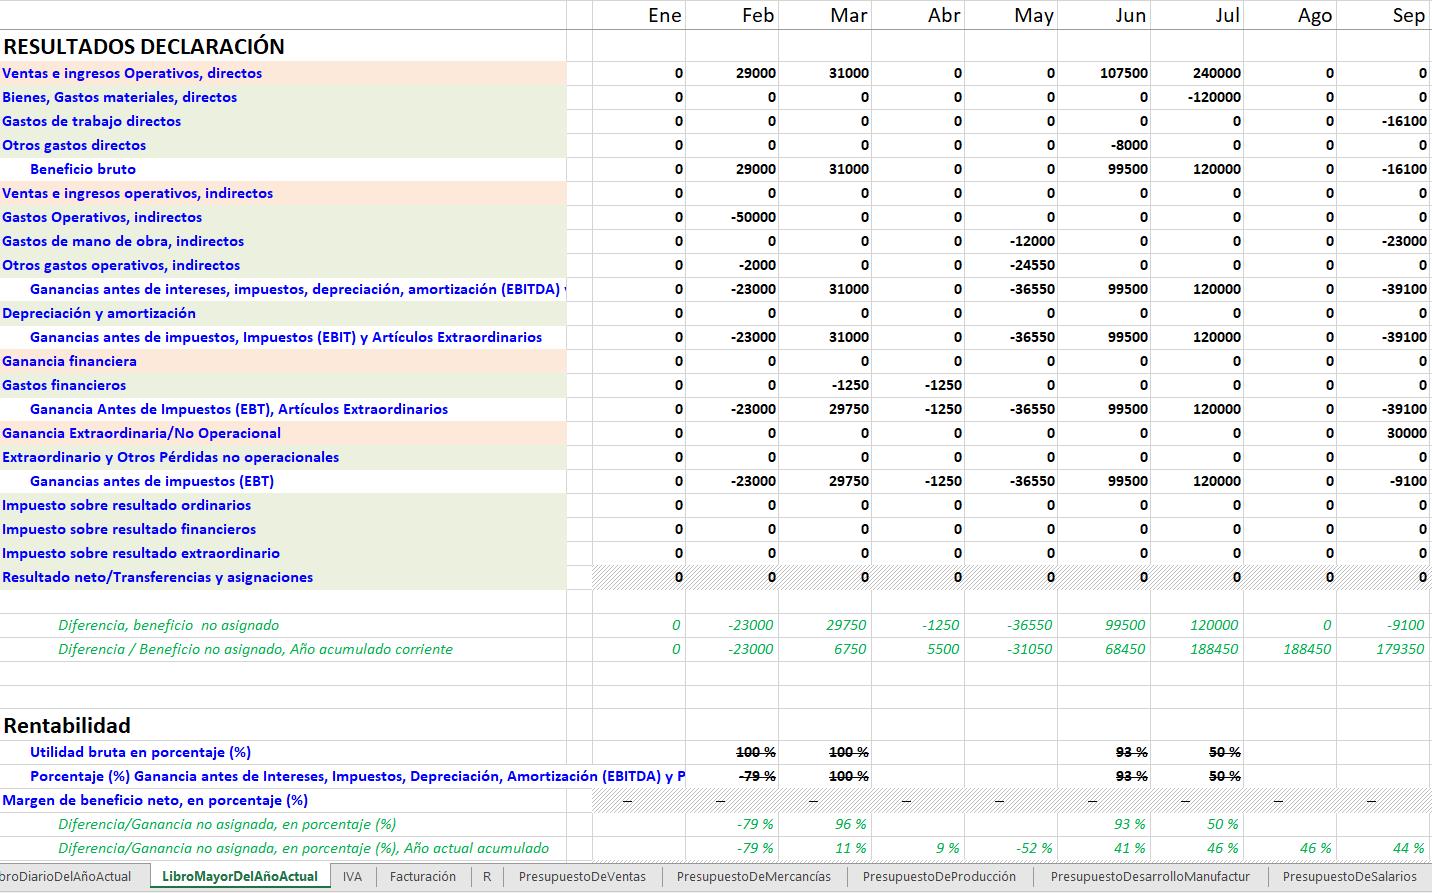 1542635922_es26a__Informe_semanal_de_liderazgo__Excel-Accounting-Budget-Analysis.com__2018-11-18.png